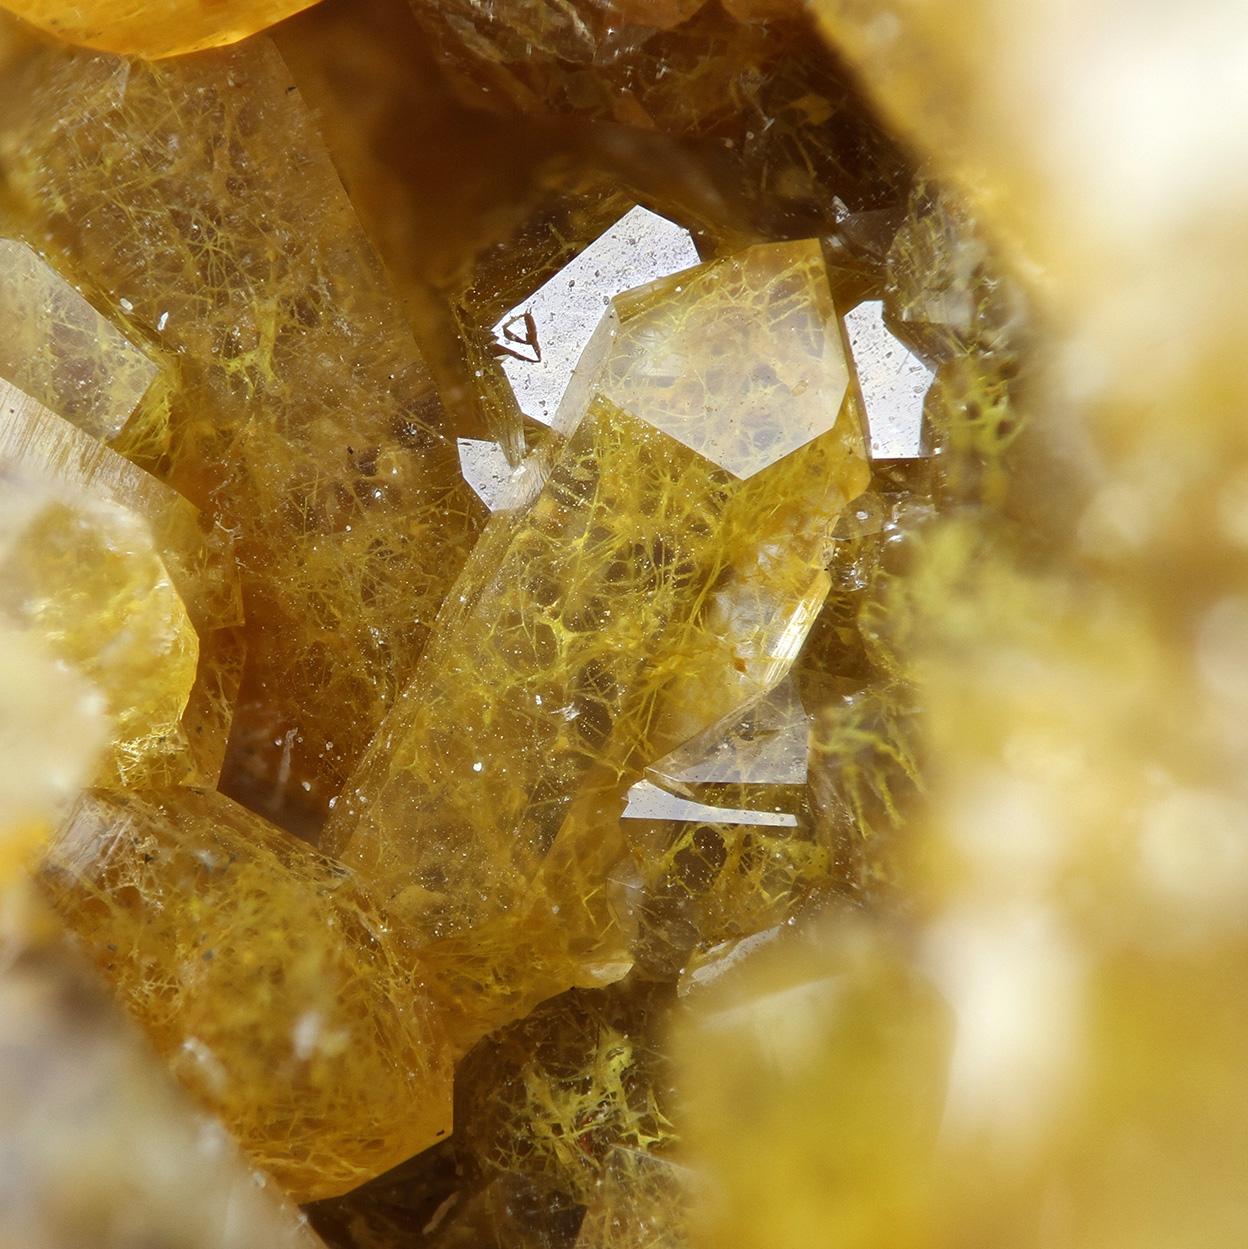 Quartz With Fossil Fungi Mycelium